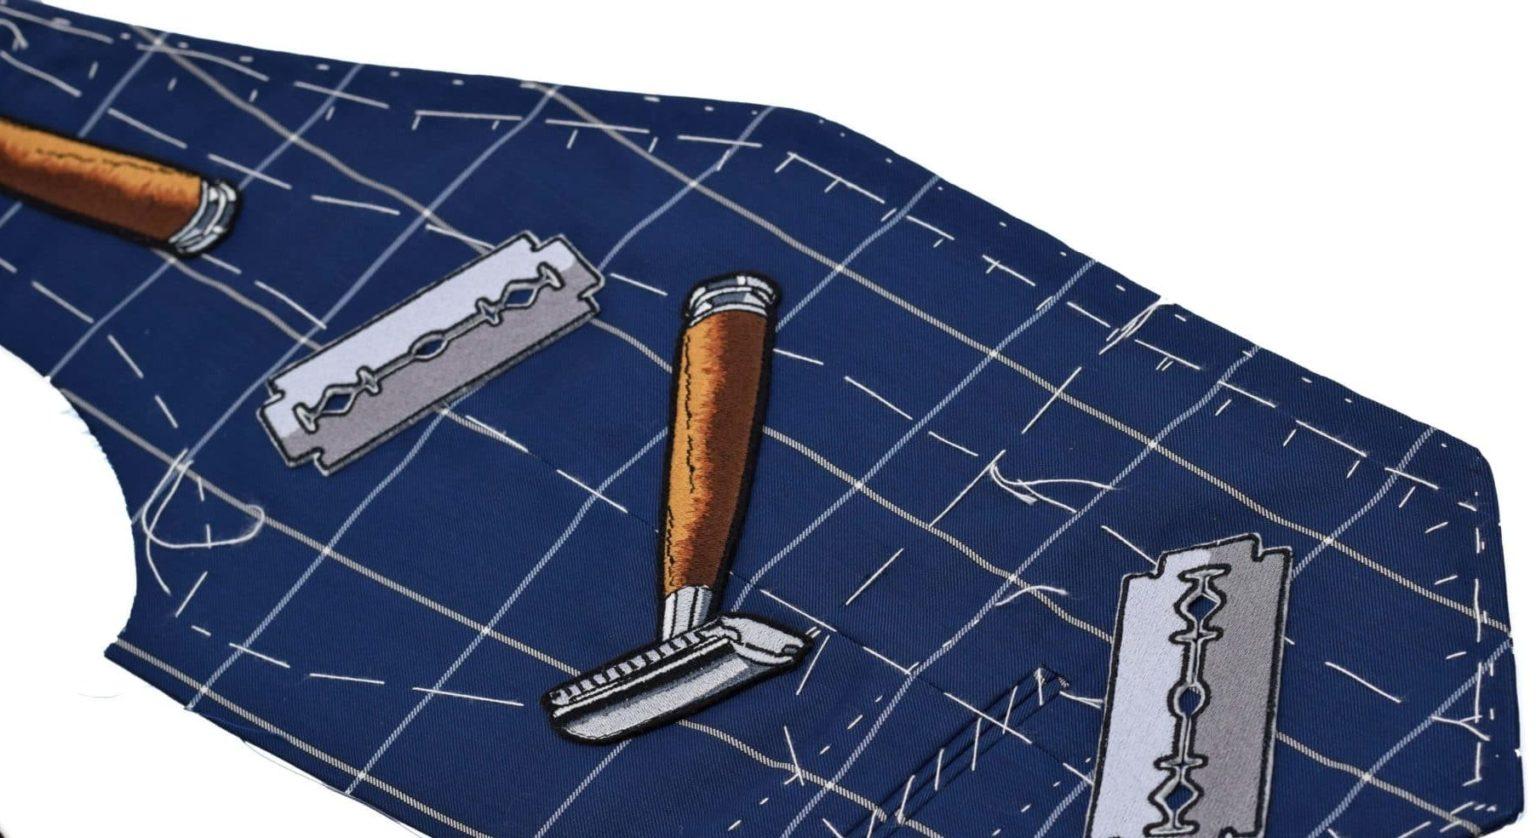 Gilet à carreaux avec applications Monsieur List en pièce unique et fait à la main.